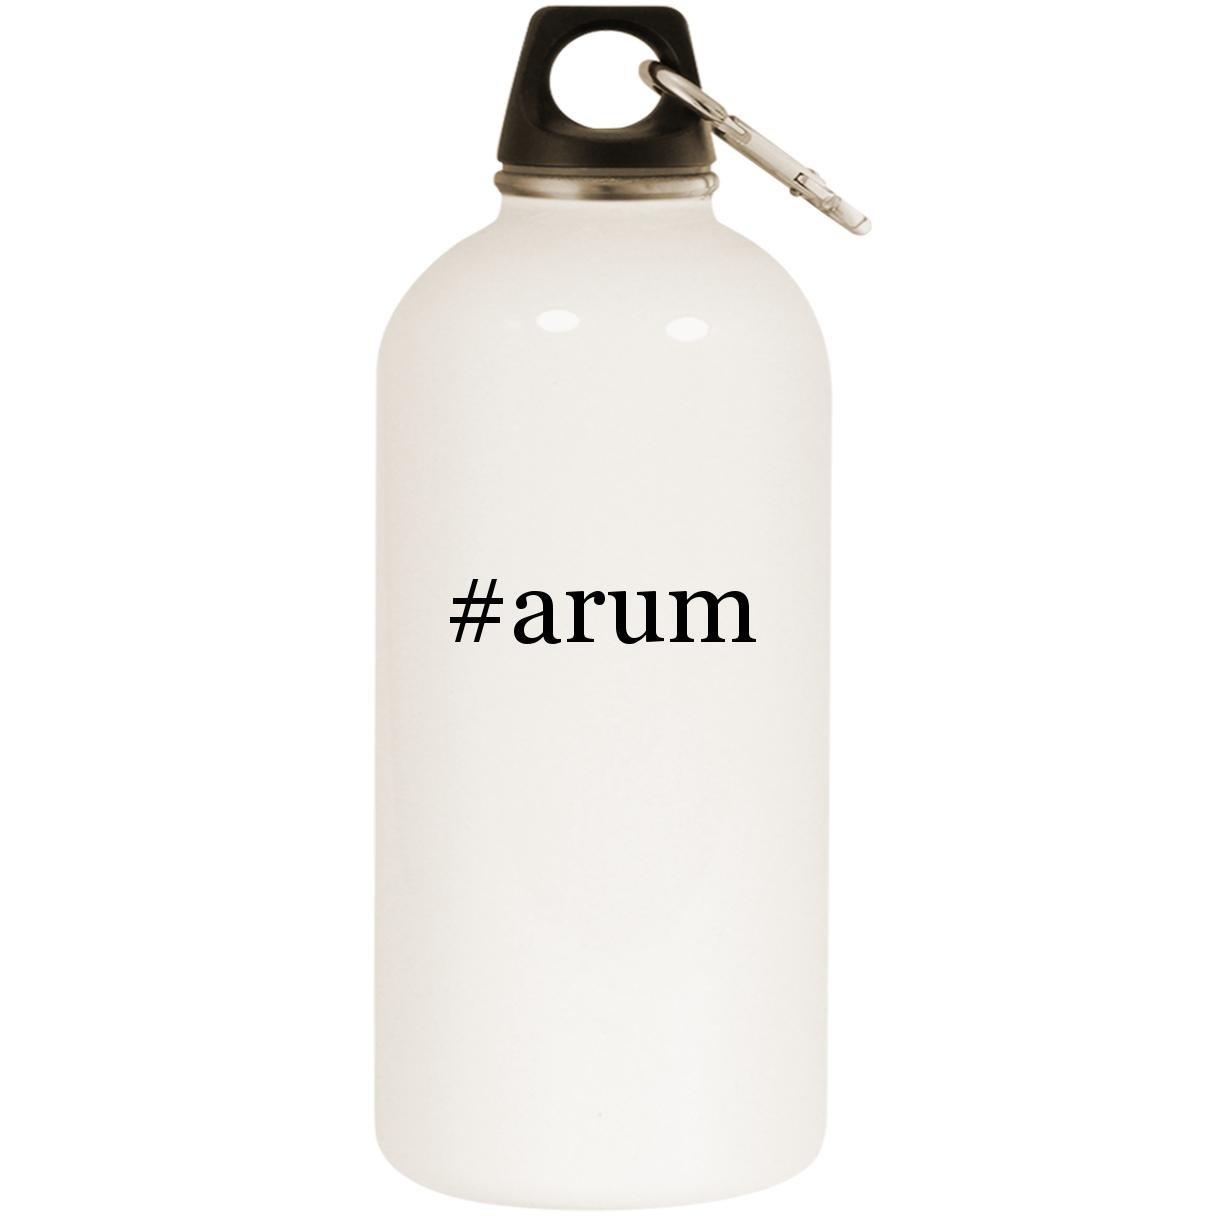 # Arum – ホワイトハッシュタグ20ozステンレススチールウォーターボトルカラビナ B0741WH1PP